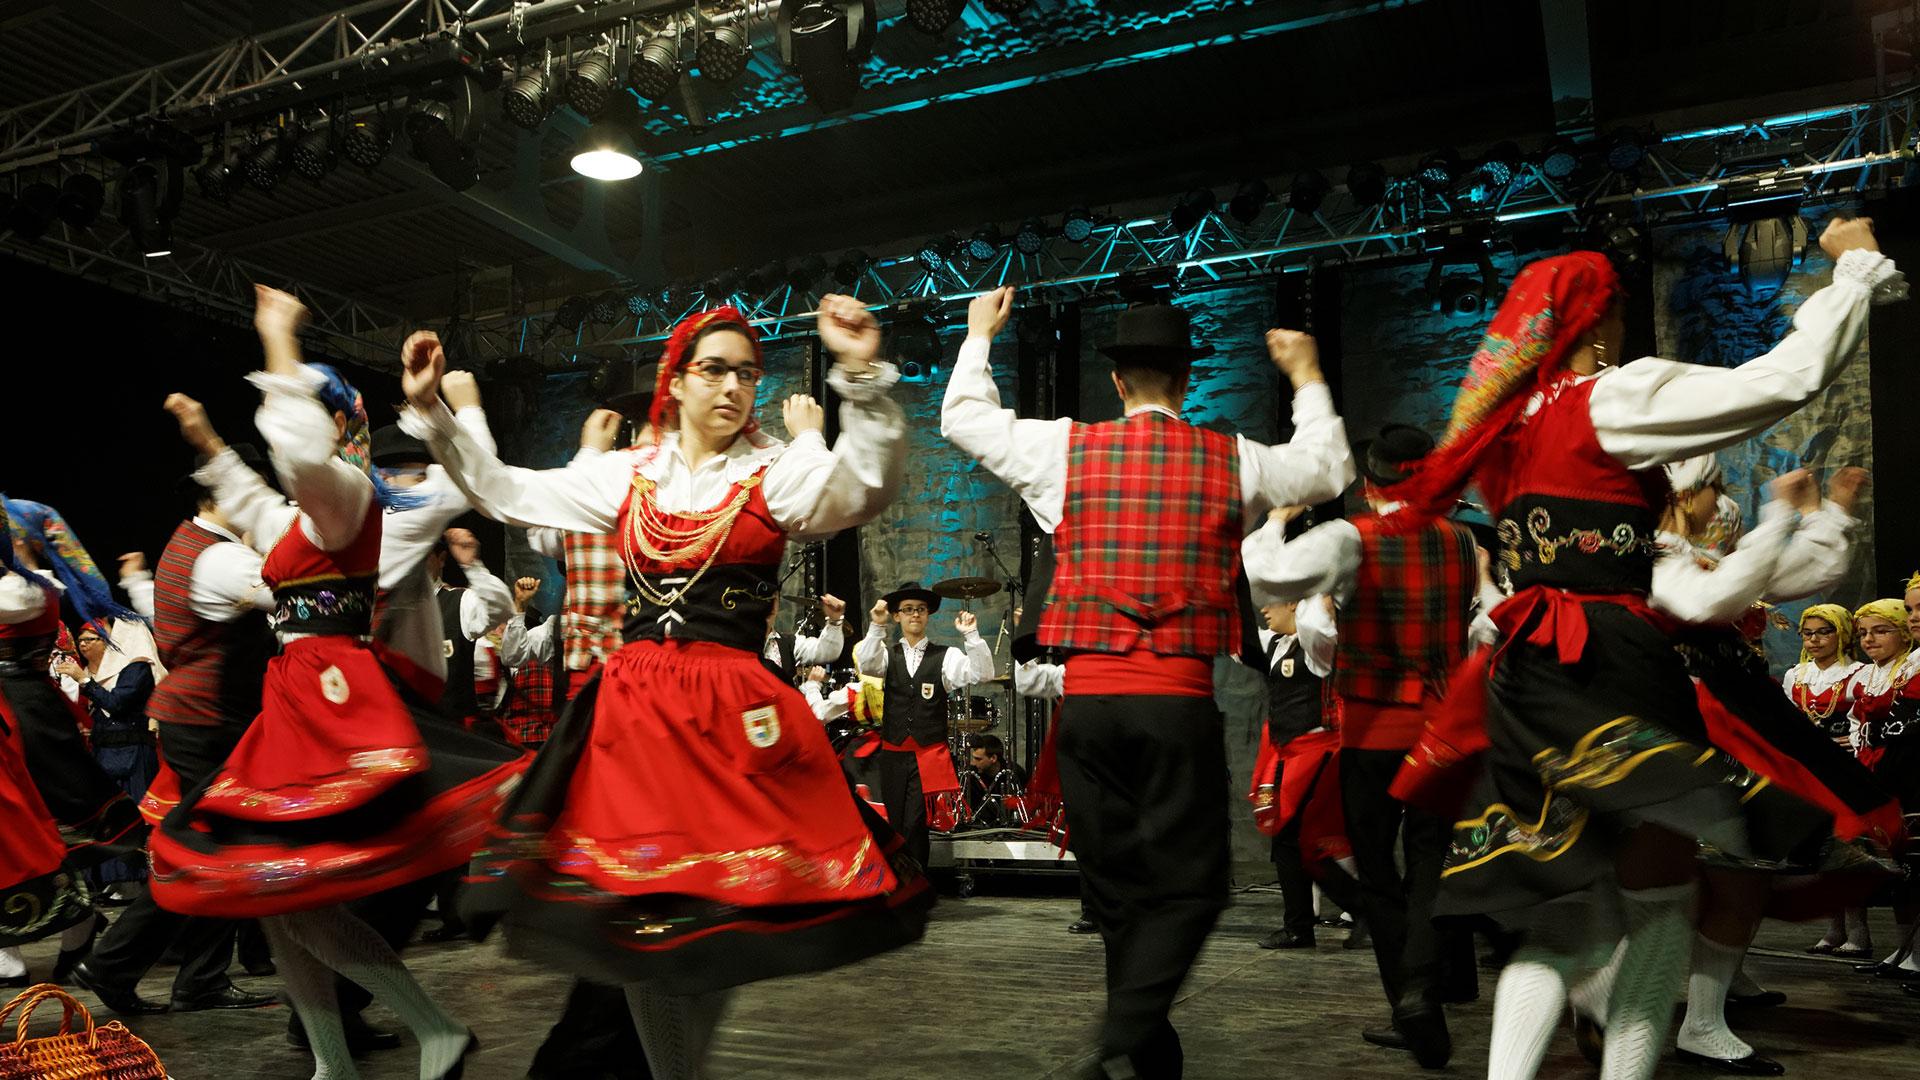 cester-portugais-festival-clae-2014